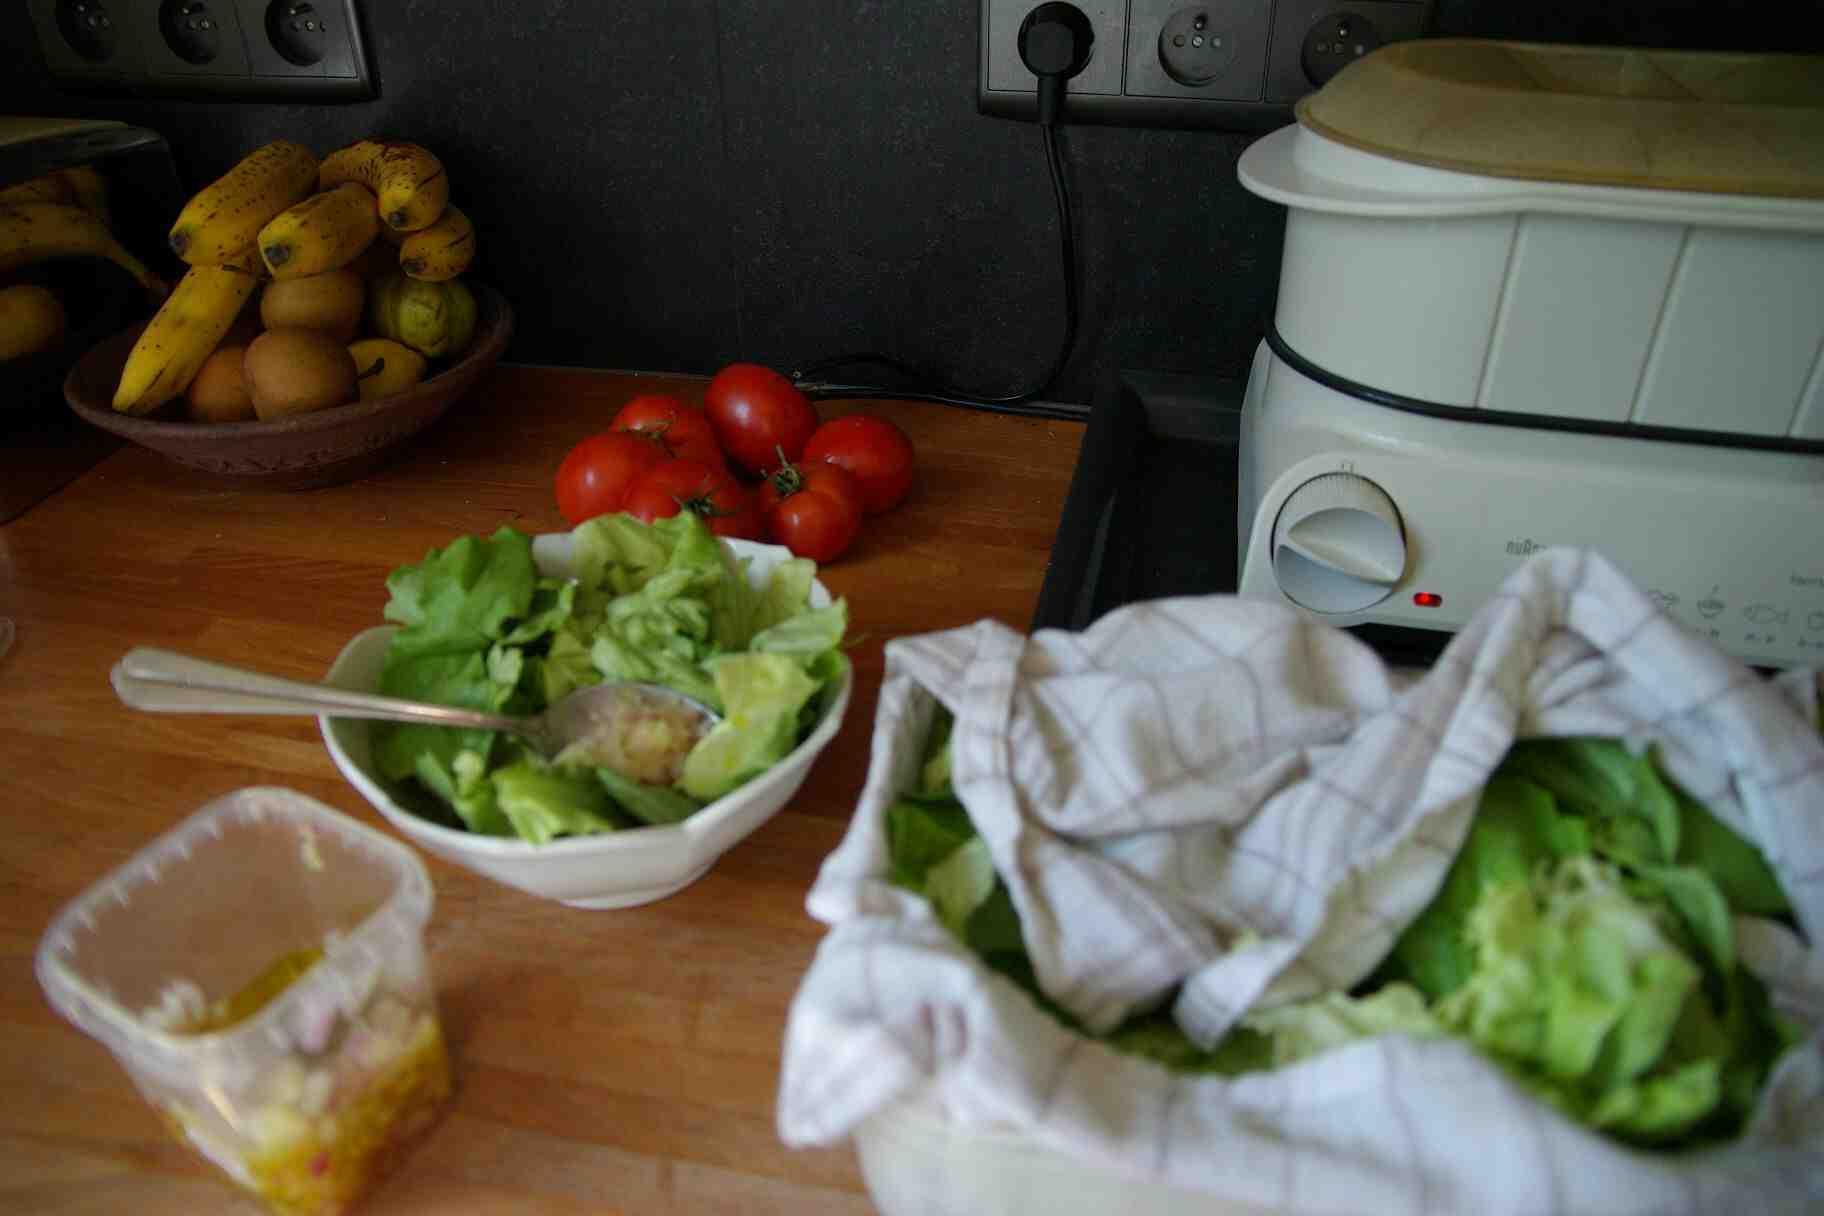 Comment bien sécher la salade ?